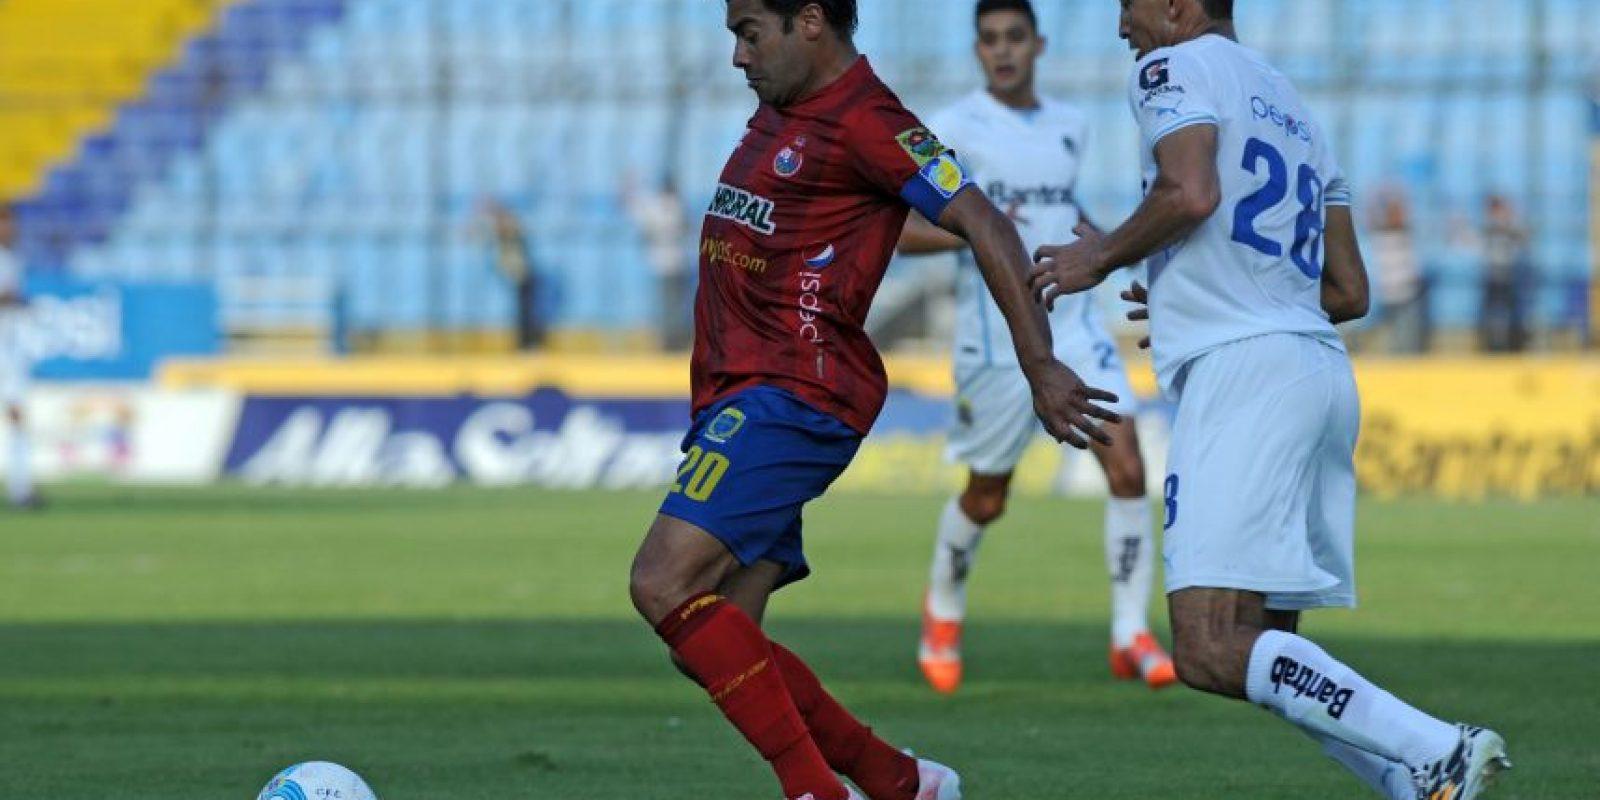 Luego de una serie de dimes y diretes, el acta arbitral oficializó el castigo al futbolista rojo. Foto:Publinews